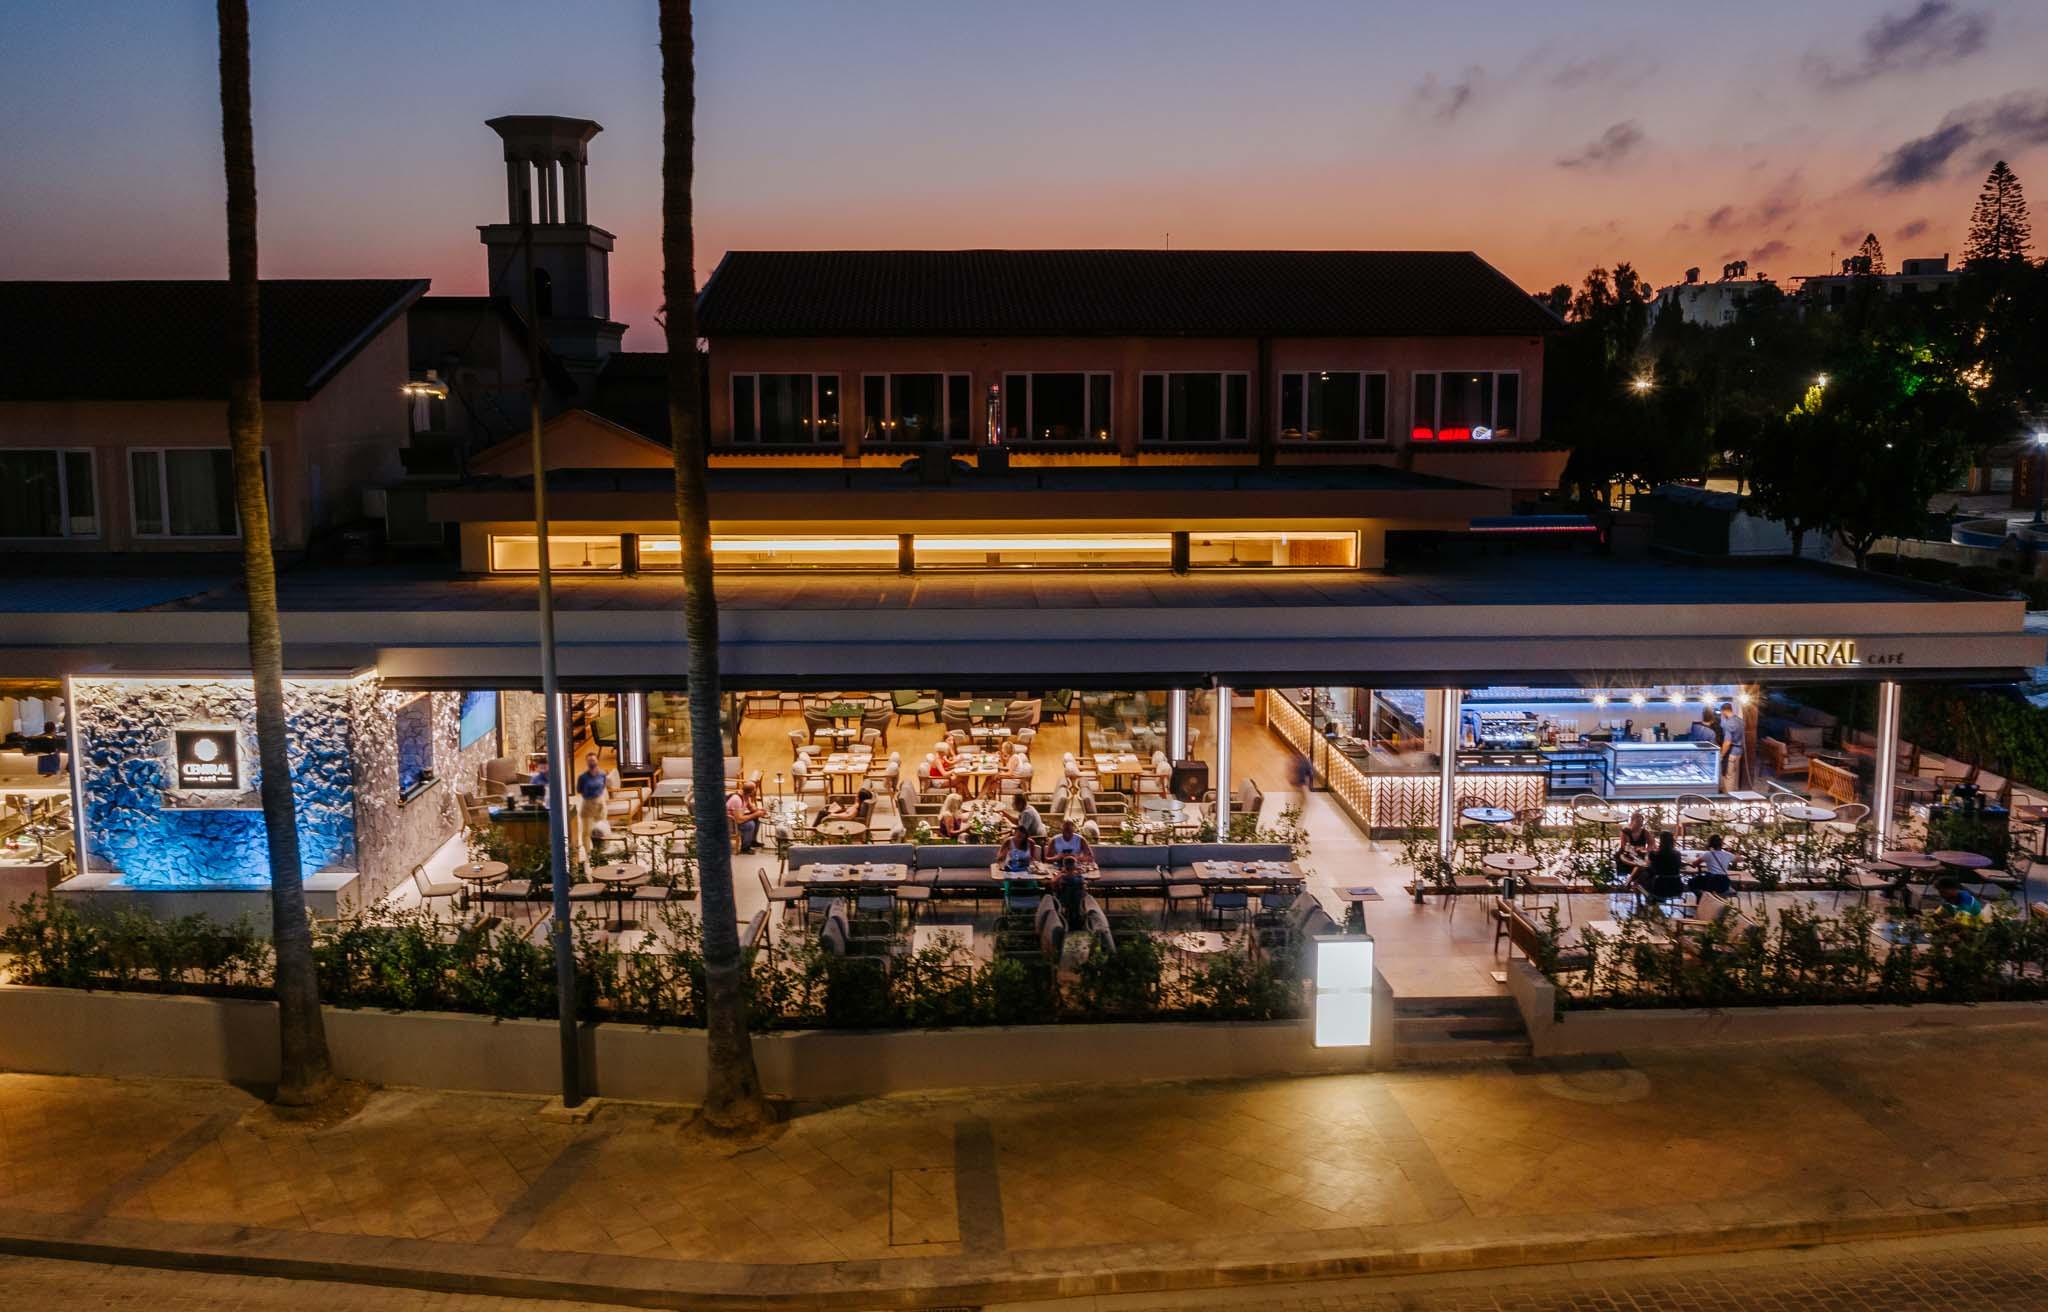 Napa-Plaza-restaurants-407